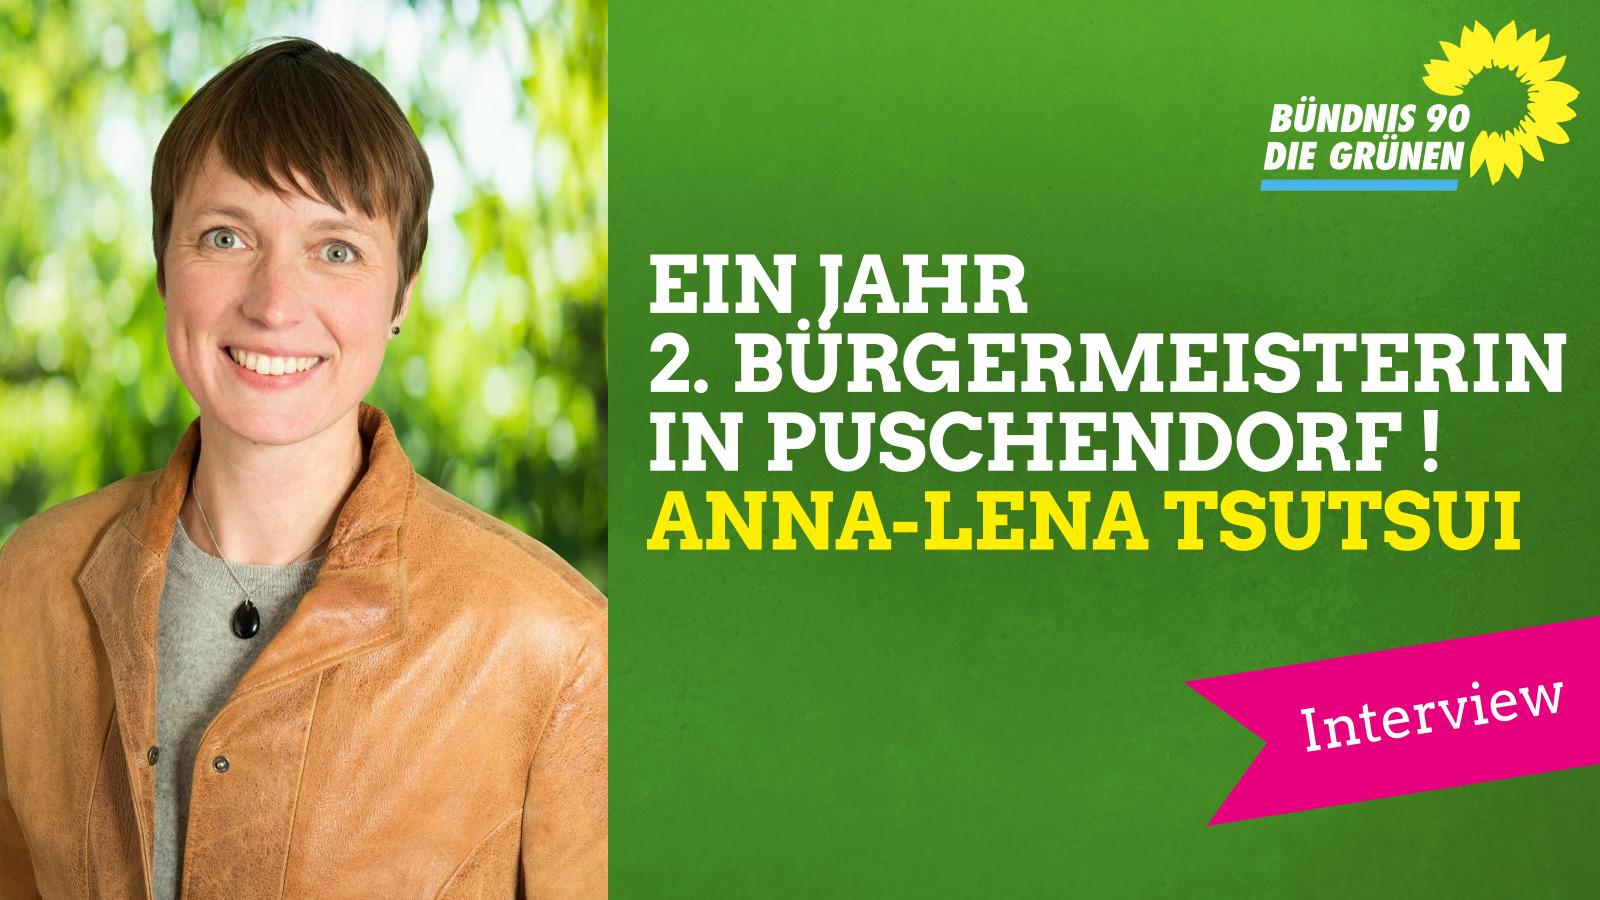 Ein Jahr 2. Bürgermeisterin! Interview mit Anna-Lena